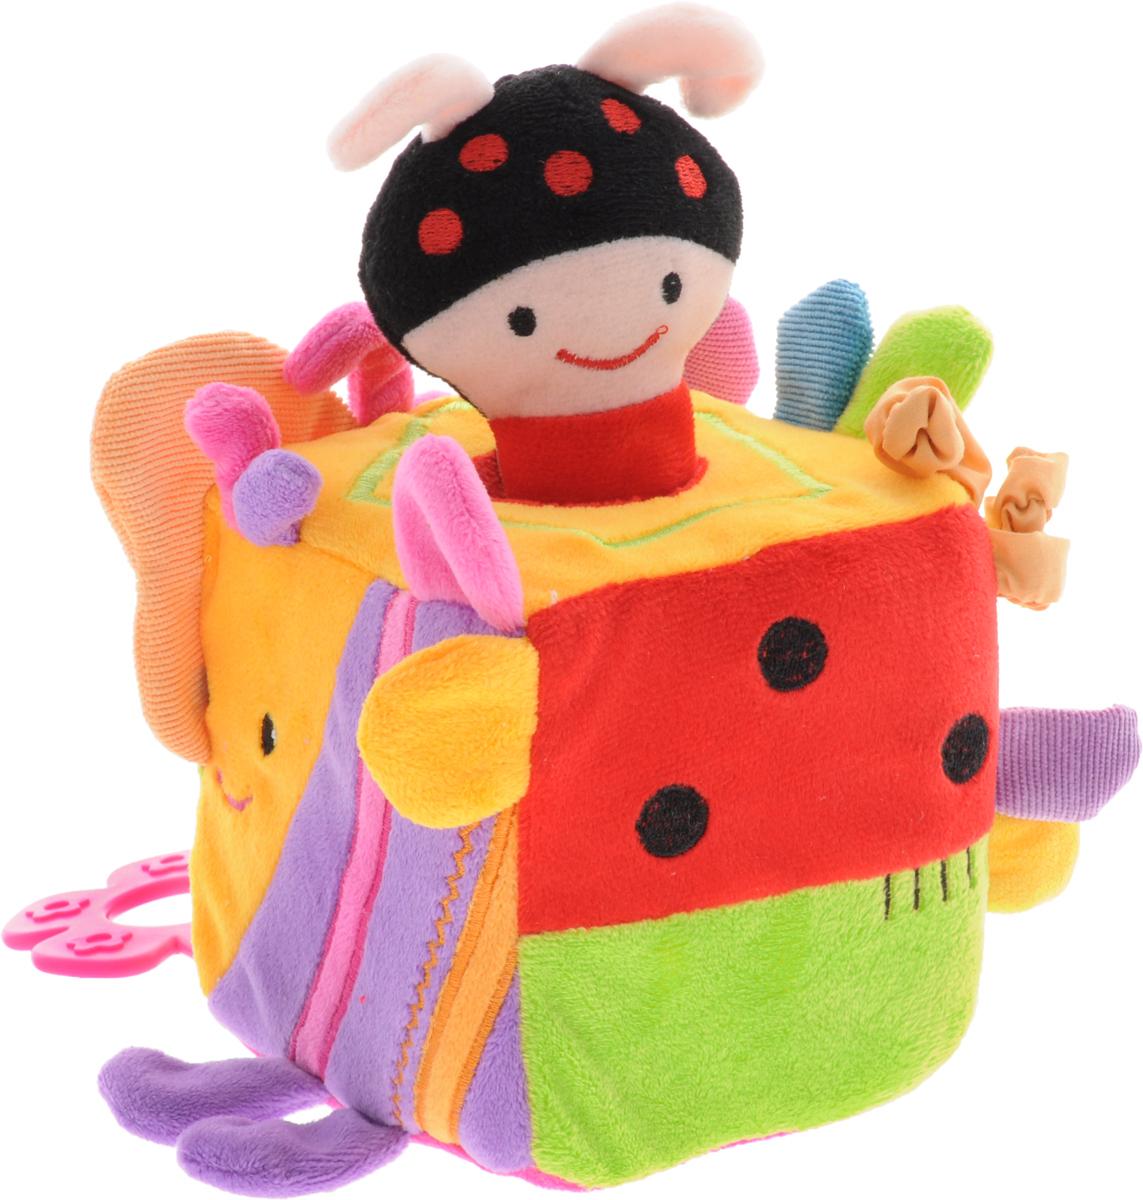 Жирафики Развивающая игрушка-куб Жучок939297Развивающая игрушка-куб Жирафики Жучок поднимет вашему малышу настроение и непременно вызовет улыбку! Игрушка выполнена из мягкого, приятного на ощупь материала различных фактур в виде куба. На каждой стороне куба находятся определенные развивающие элементы: шуршащие крылышки, пищалка, прорезыватель, две резинки, два шуршащих ушка, мягкие усики, кусочки ткани с различной текстурой. В центре куба находится отверстие, в которое вставляется пищалка на веревочке. Пищалка выполнена в виде головы божьей коровки с телом-ручкой. При встряхивании пищалки раздается забавный писк. Эта чудесная игрушка способствует развитию слухового, зрительного и эмоционального восприятия, тактильных ощущений, мелкой моторики, внимания, наглядно-действенного мышления.